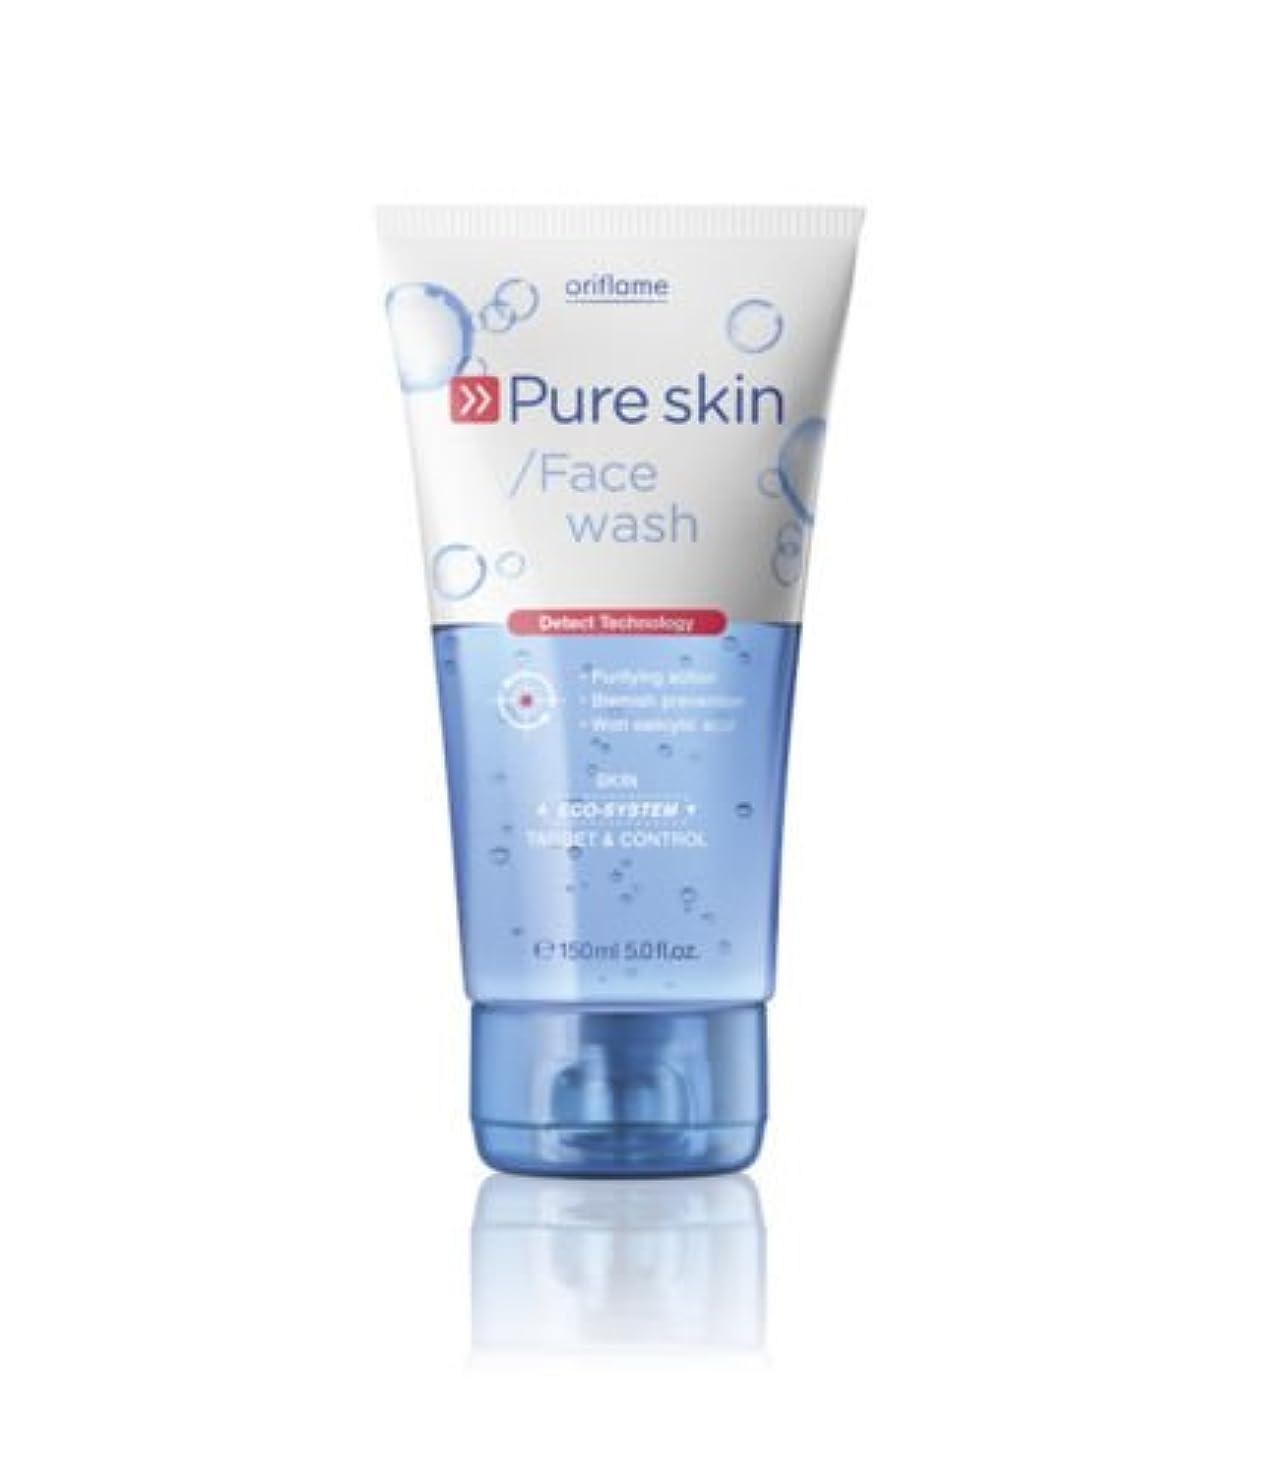 ブランデー低い逆さまにOriflame Pure Skin Face Wash – 150 ml